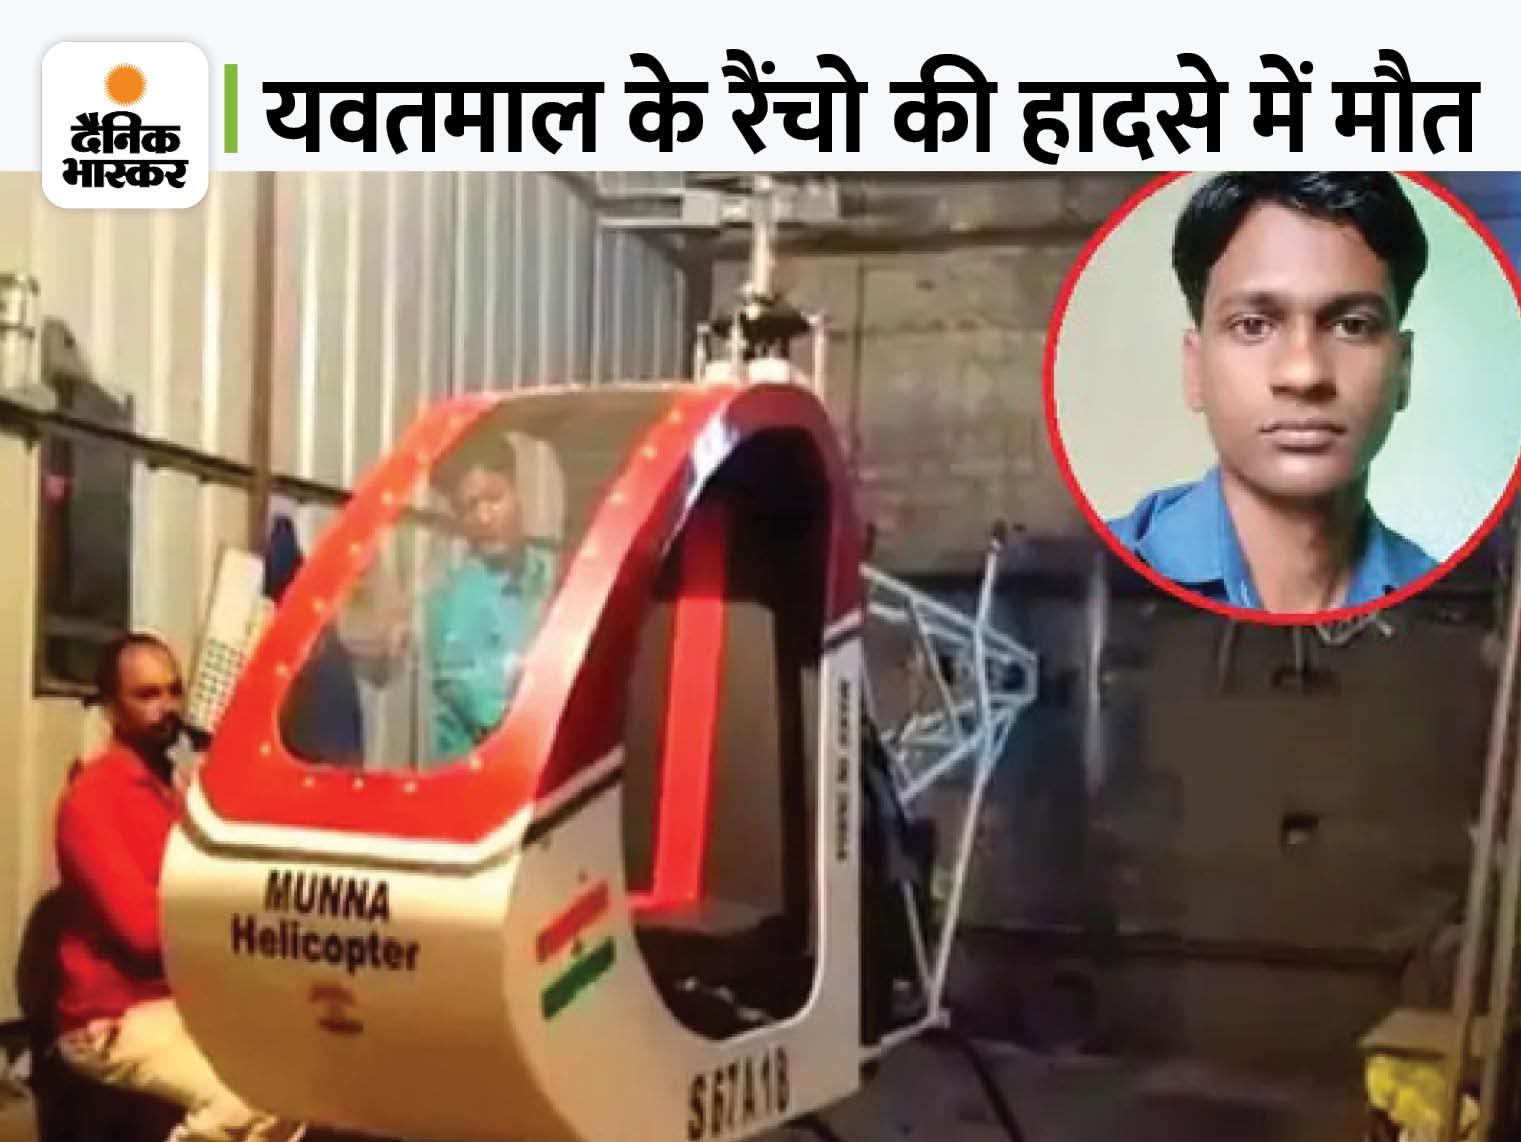 महाराष्ट्र के 8वीं पास मैकेनिक ने बनाया हेलिकॉप्टर, लेकिन टेस्टिंग के दौरान सिर पर पंखा गिरने से मौत|महाराष्ट्र,Maharashtra - Dainik Bhaskar